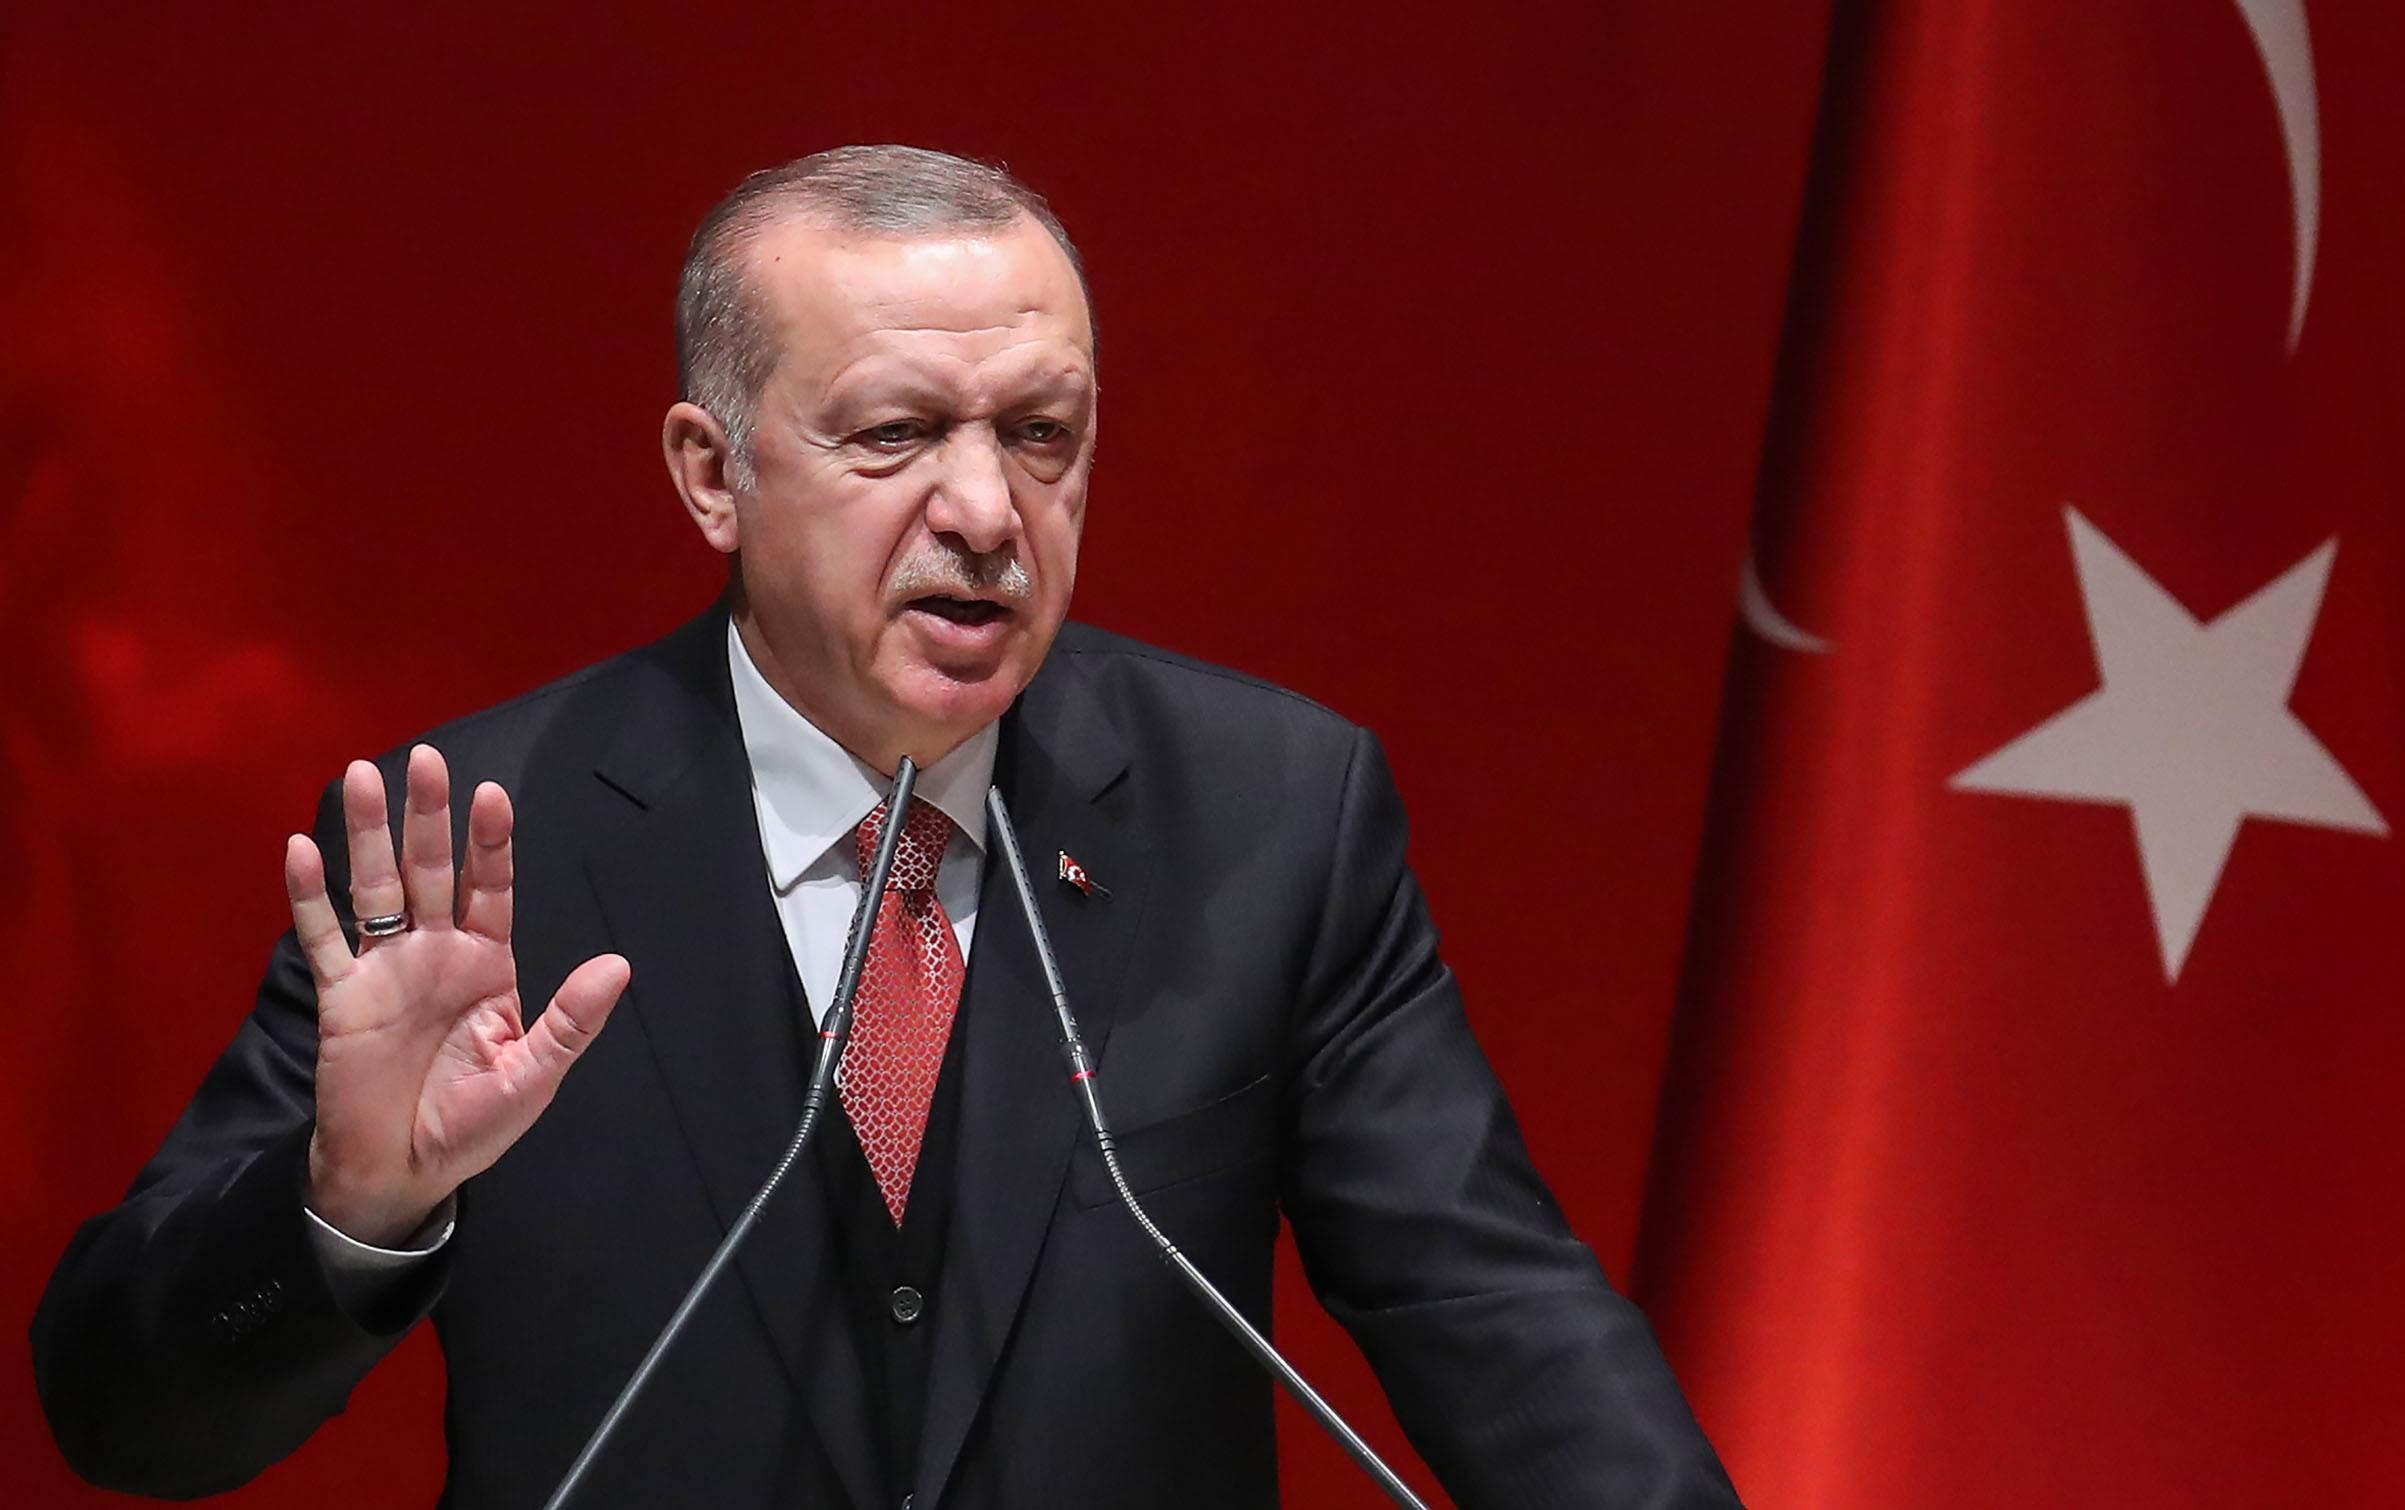 كيف تحدّى إردوغان الجميع رغم واقعه الداخلي الصعب؟